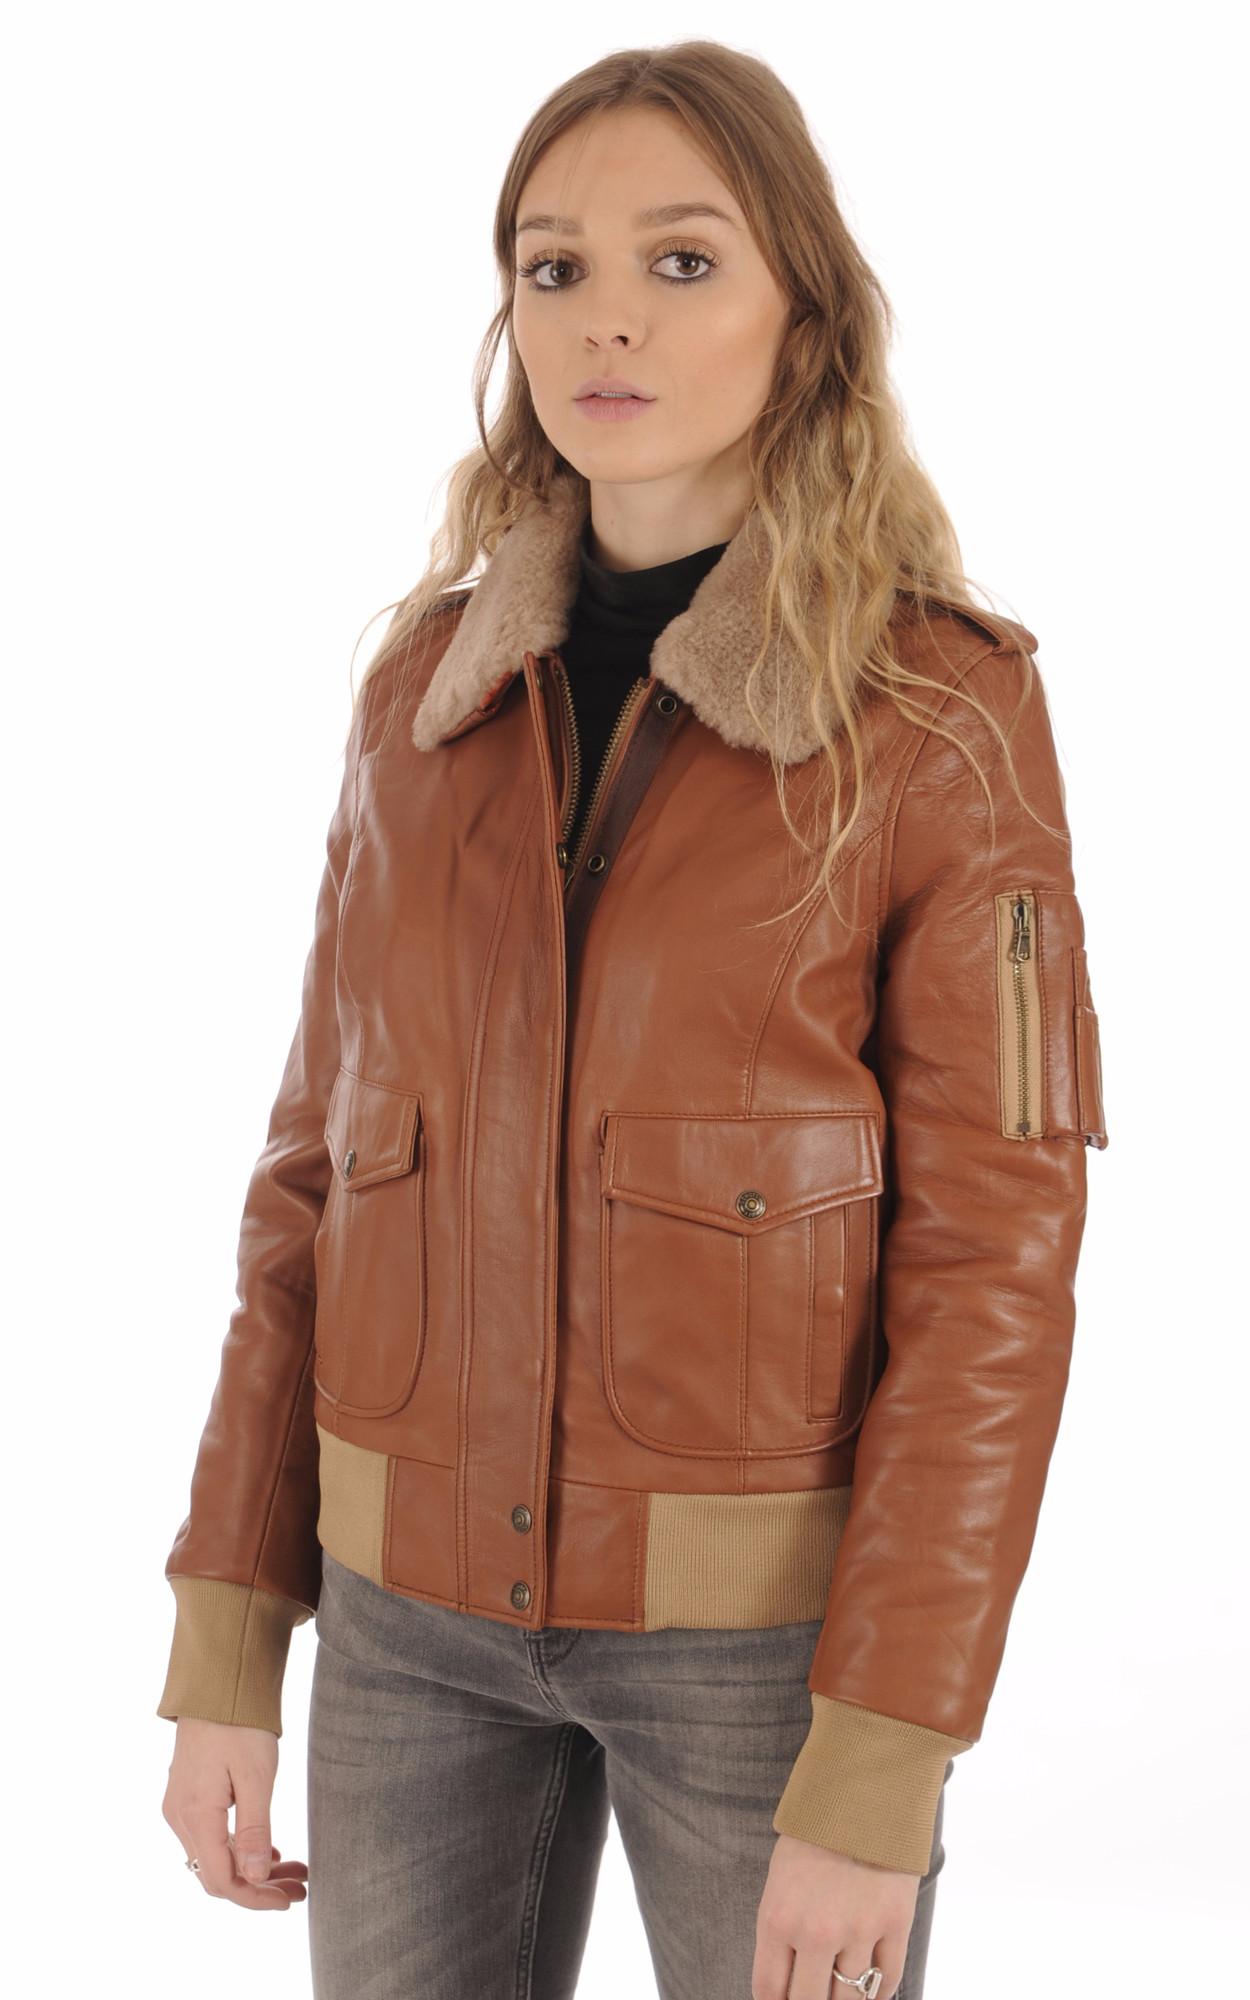 Canadienne Cognac Schott Cuir Femme Lcw9184 La Aviateur Blouson wSqc1BzxK